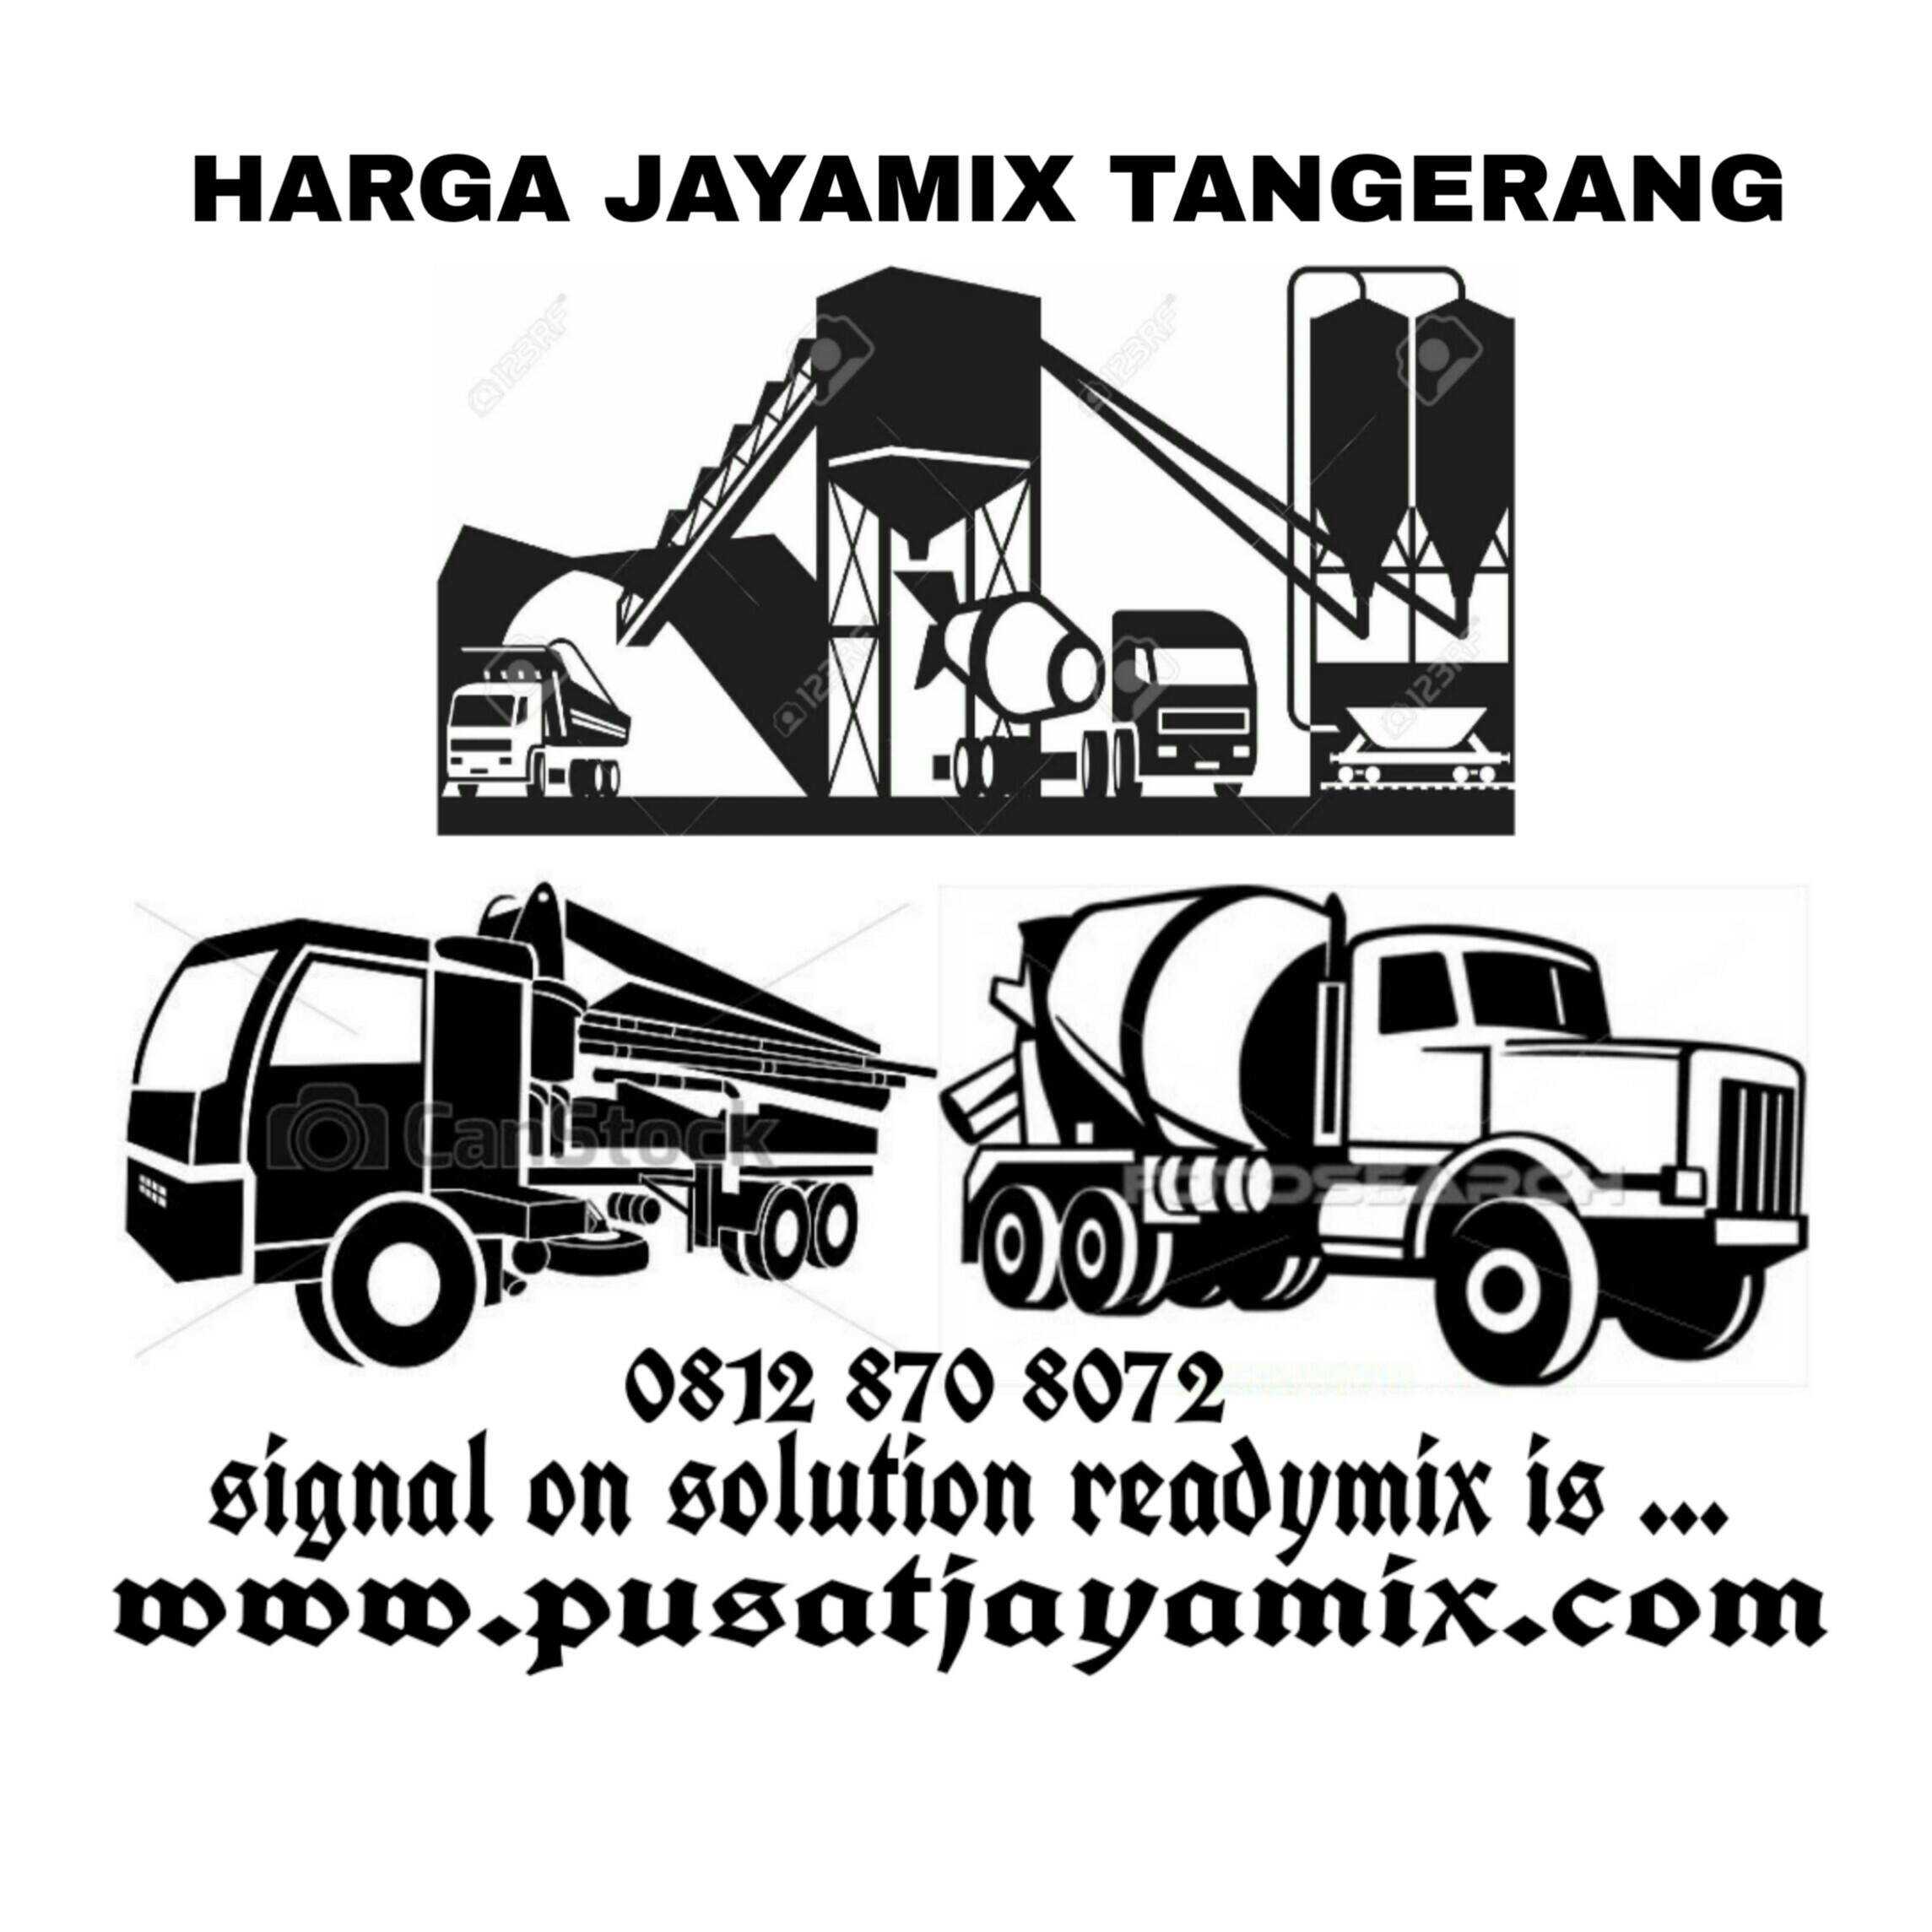 pusat jayamix kecamatan tangerang